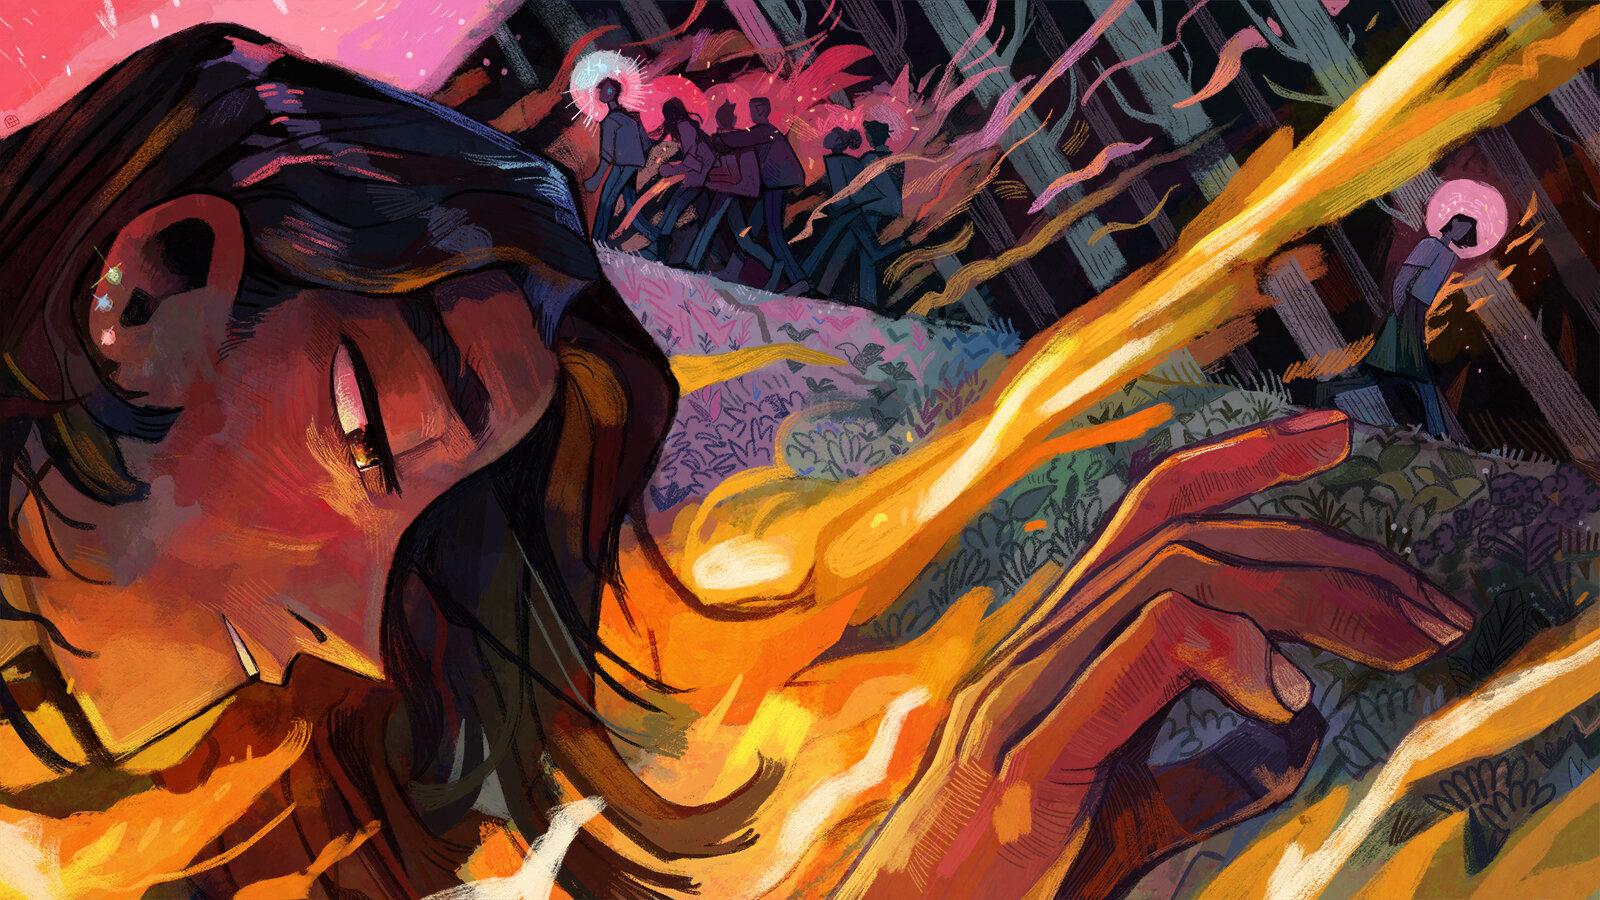 hht_firewalker01.19.jpg